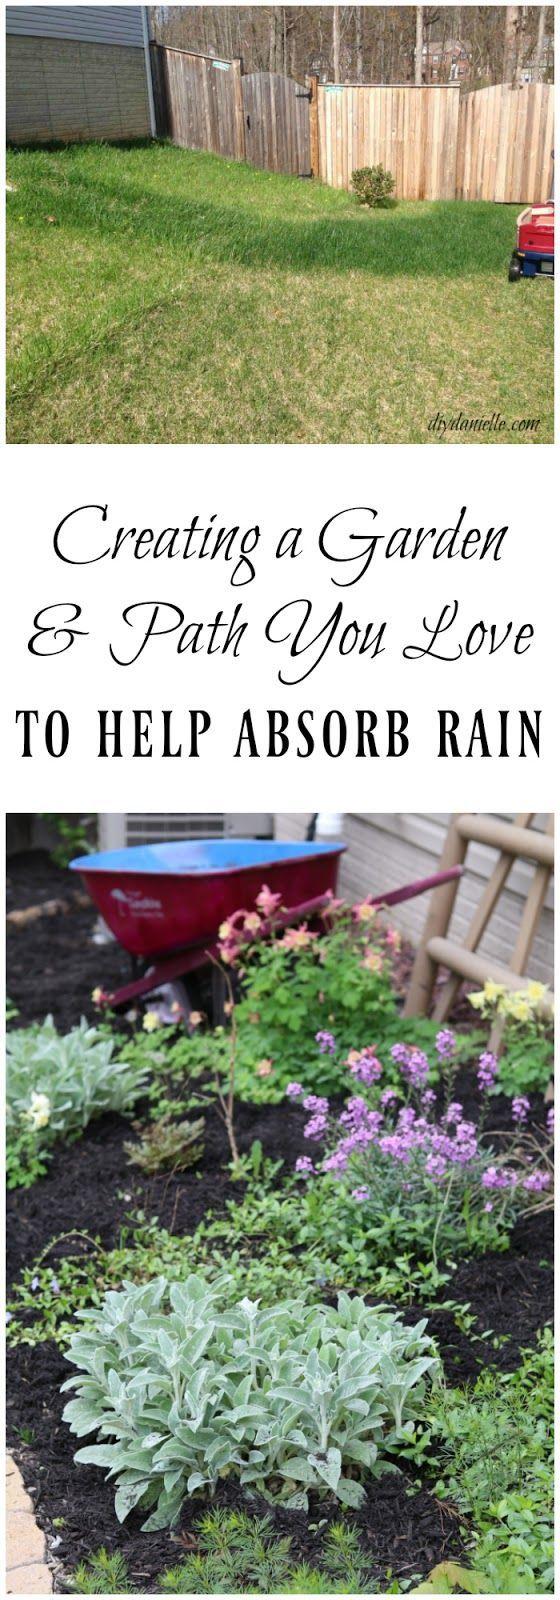 413 best home gardening tips images on pinterest gardening